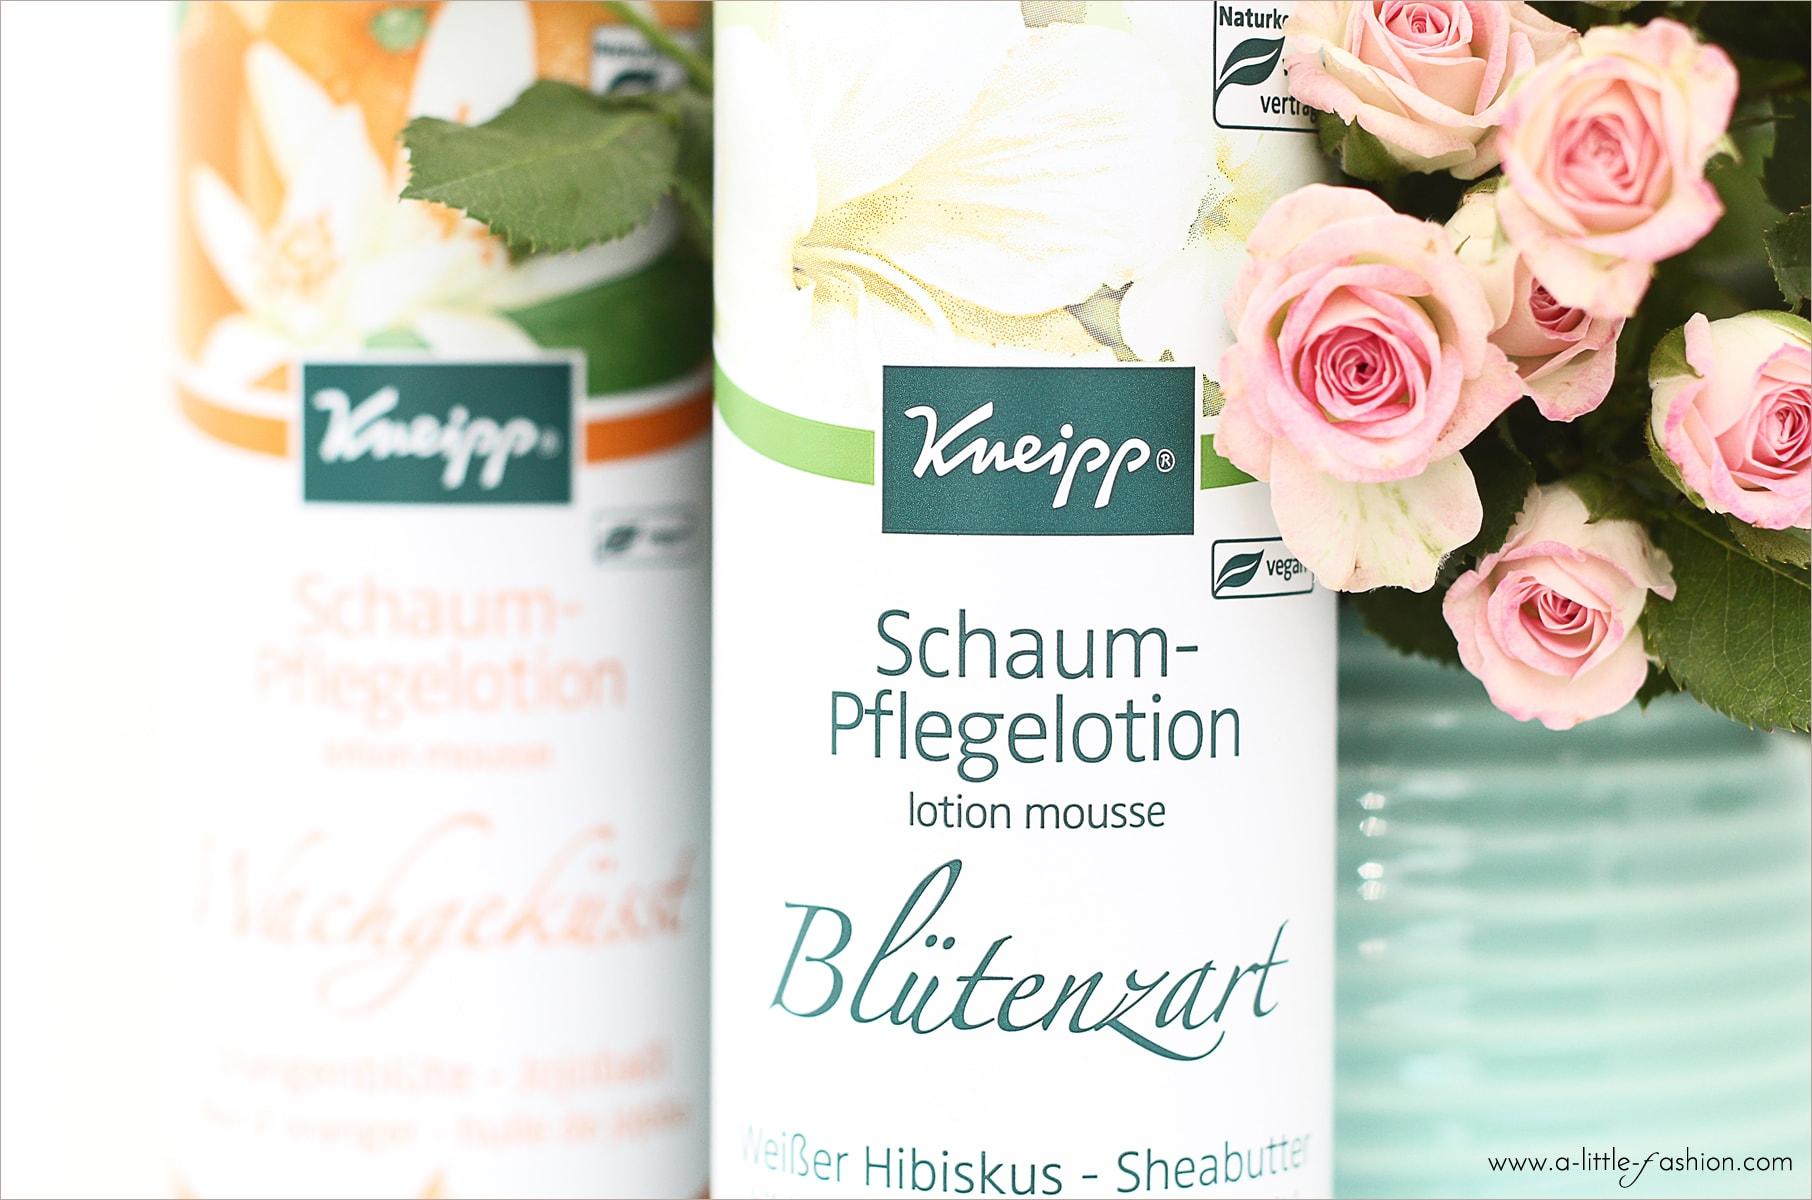 Kneipp Schaumpflege für die Haut - Blütenzart & Wachgeküsst